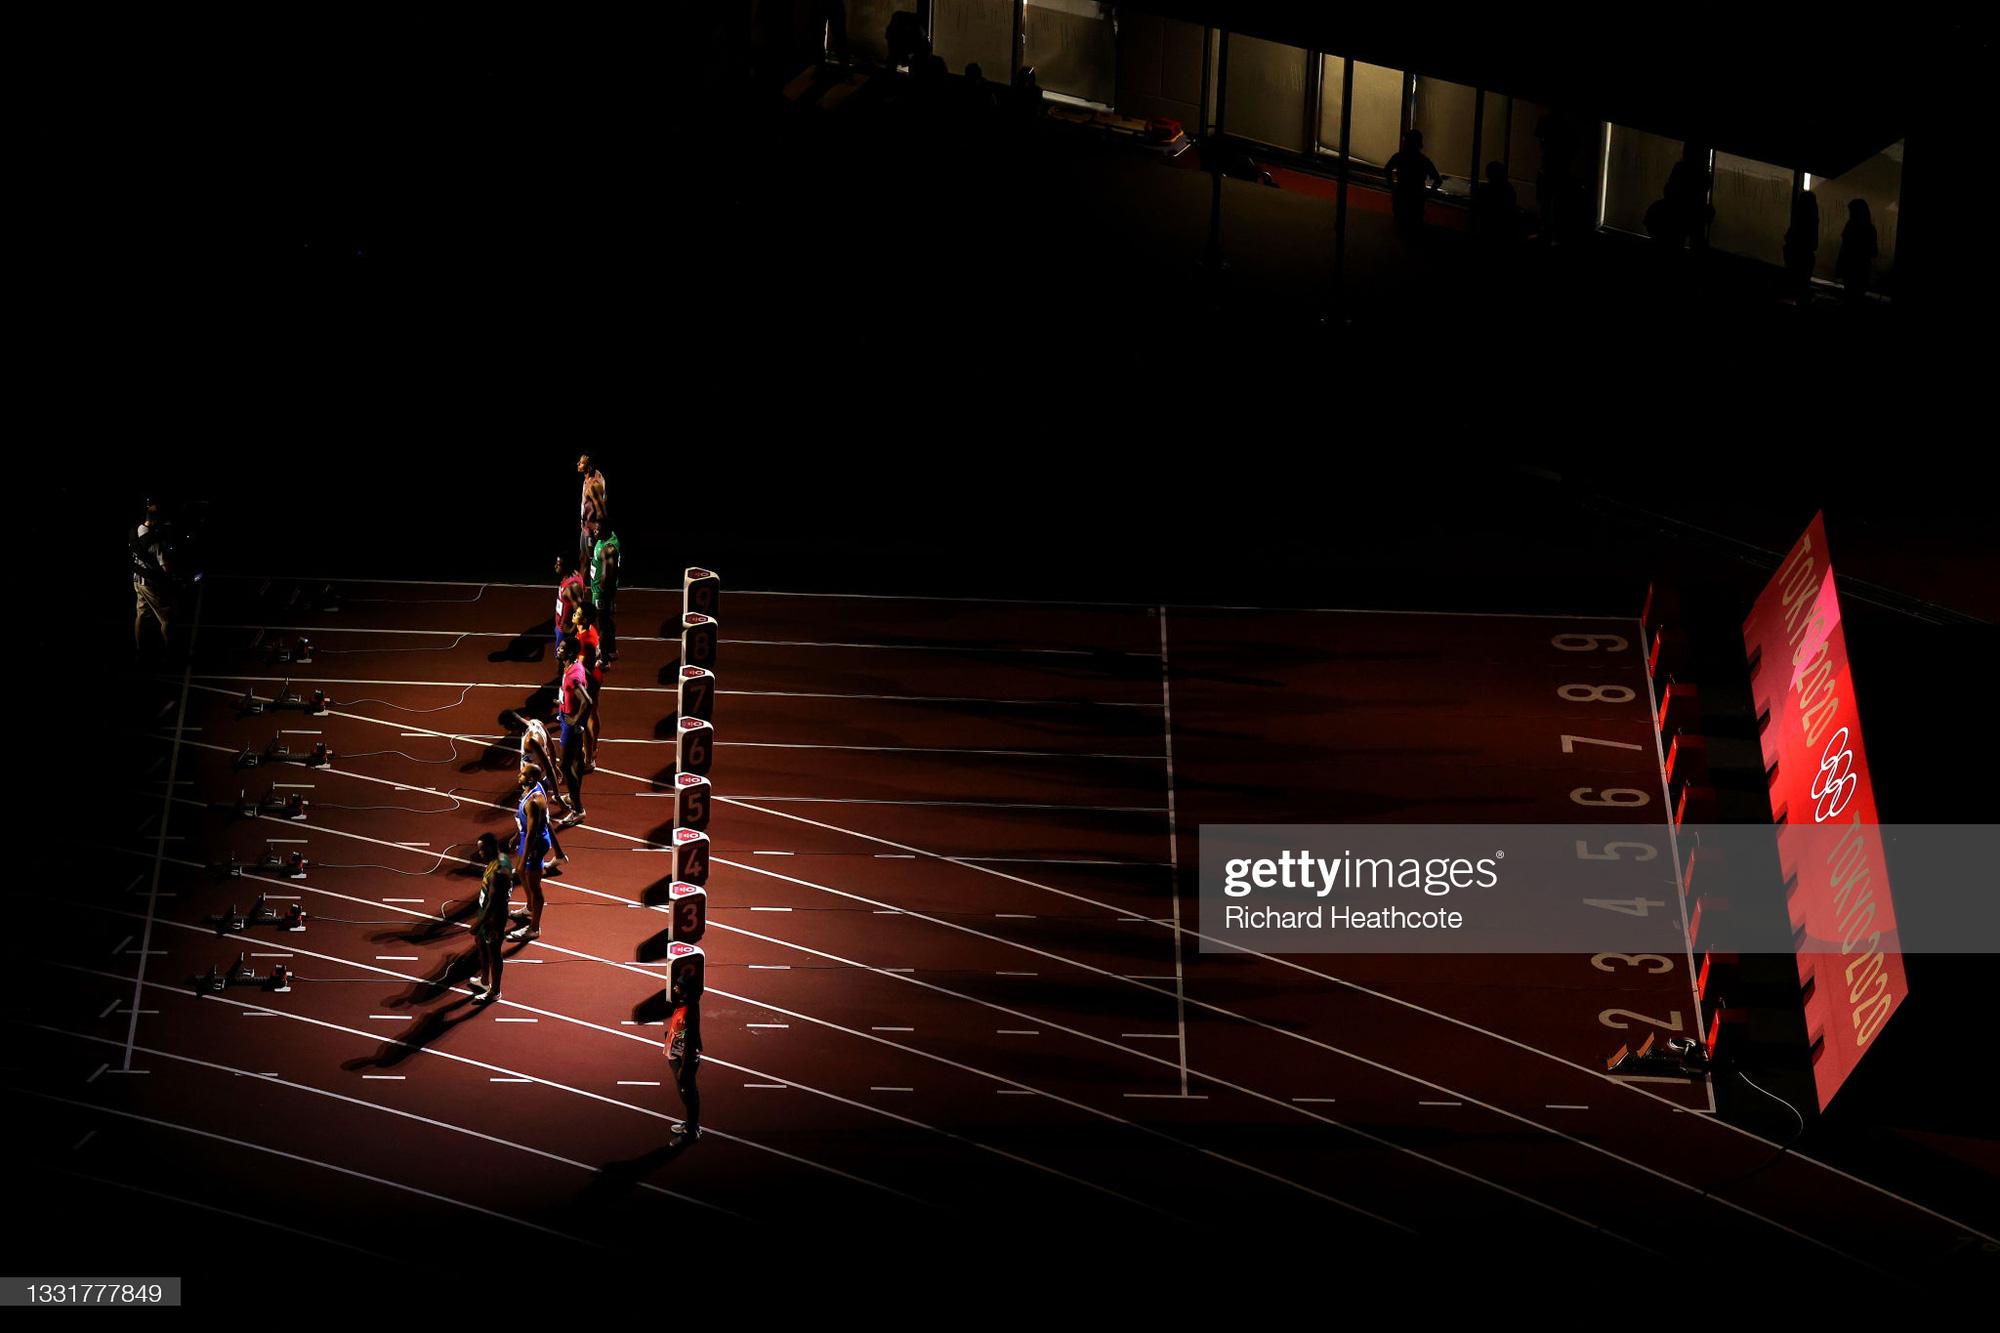 Những góc ảnh đẹp ngỡ ngàng ở Olympic Tokyo 2020 - Ảnh 21.